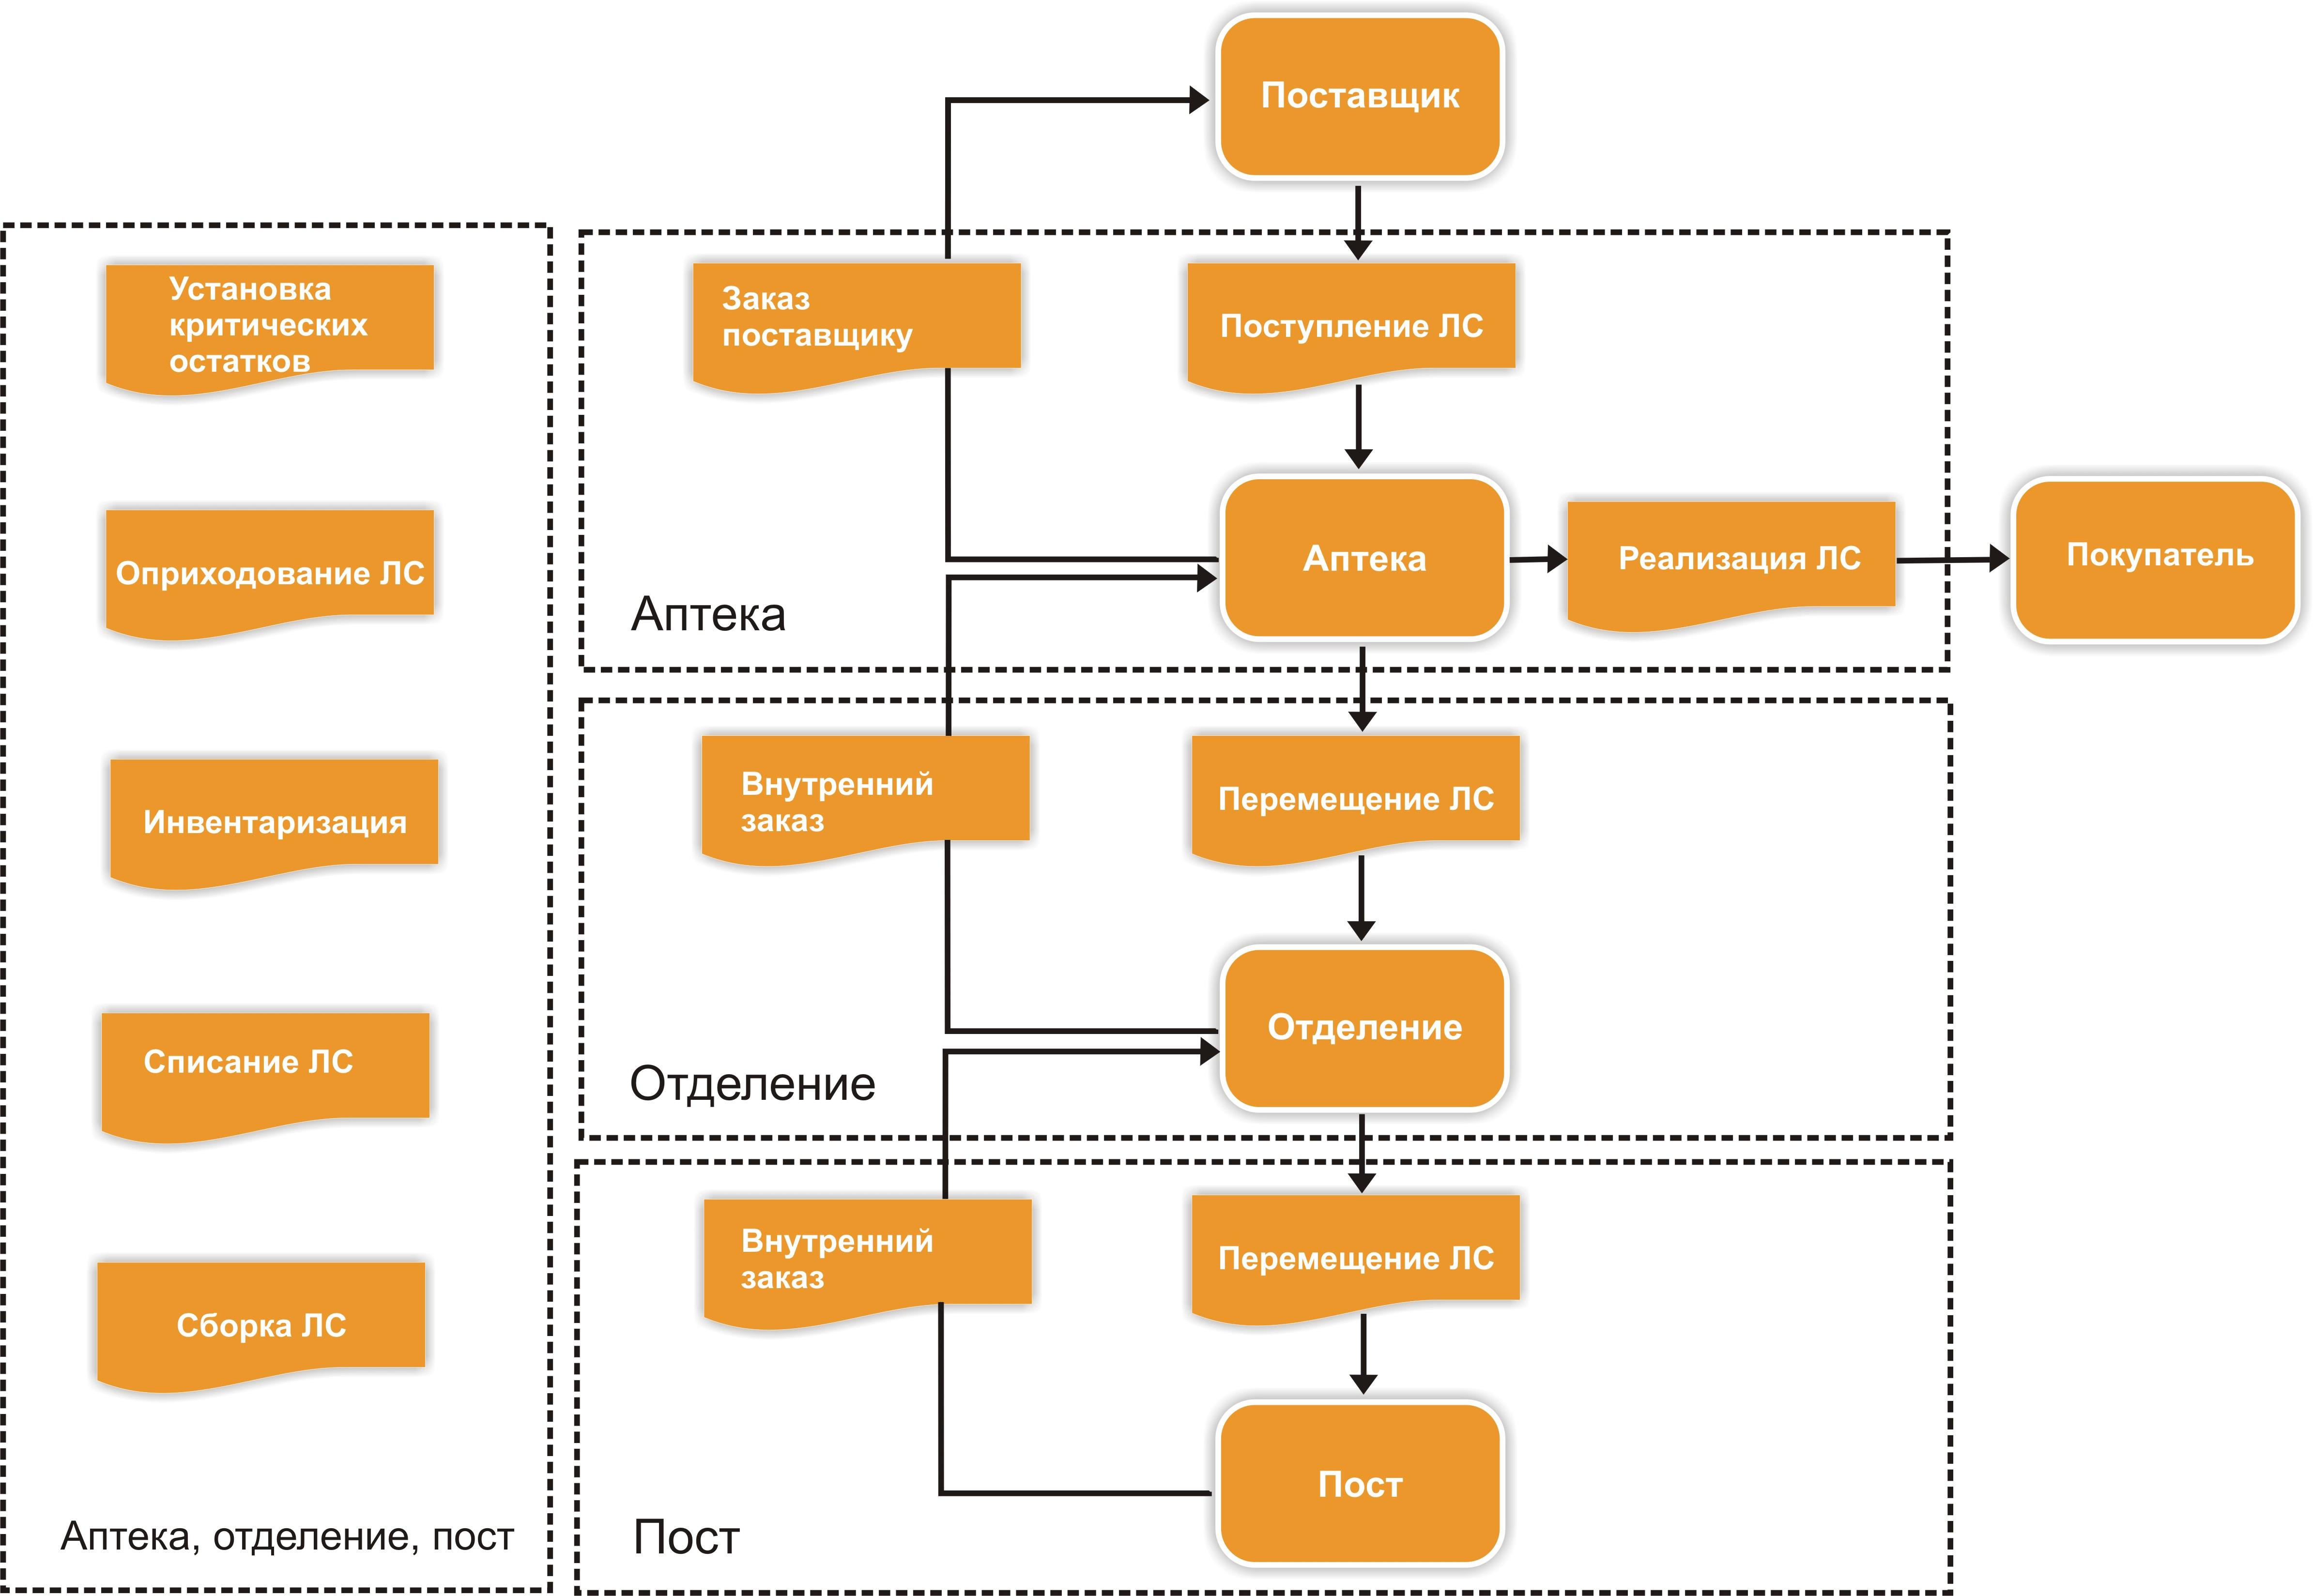 Схема обработки информации по учету денежных средств в кассе